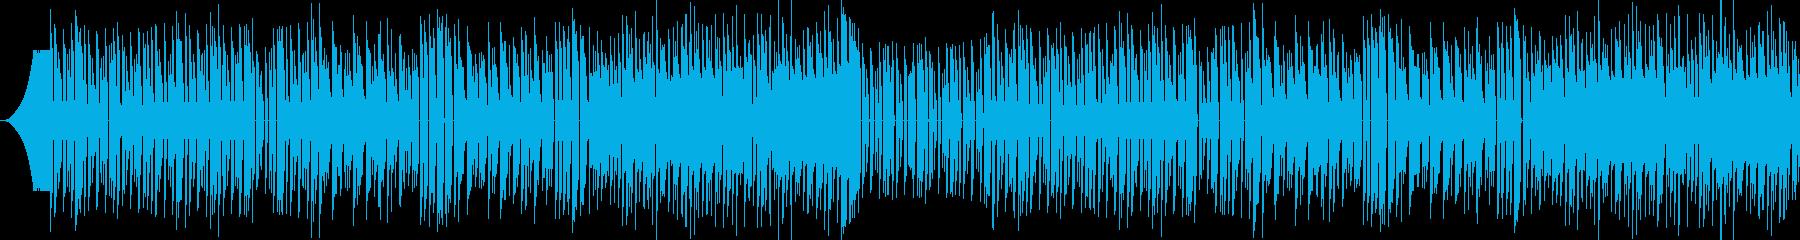 【ファミコン風】バトルシーン音楽 #1の再生済みの波形